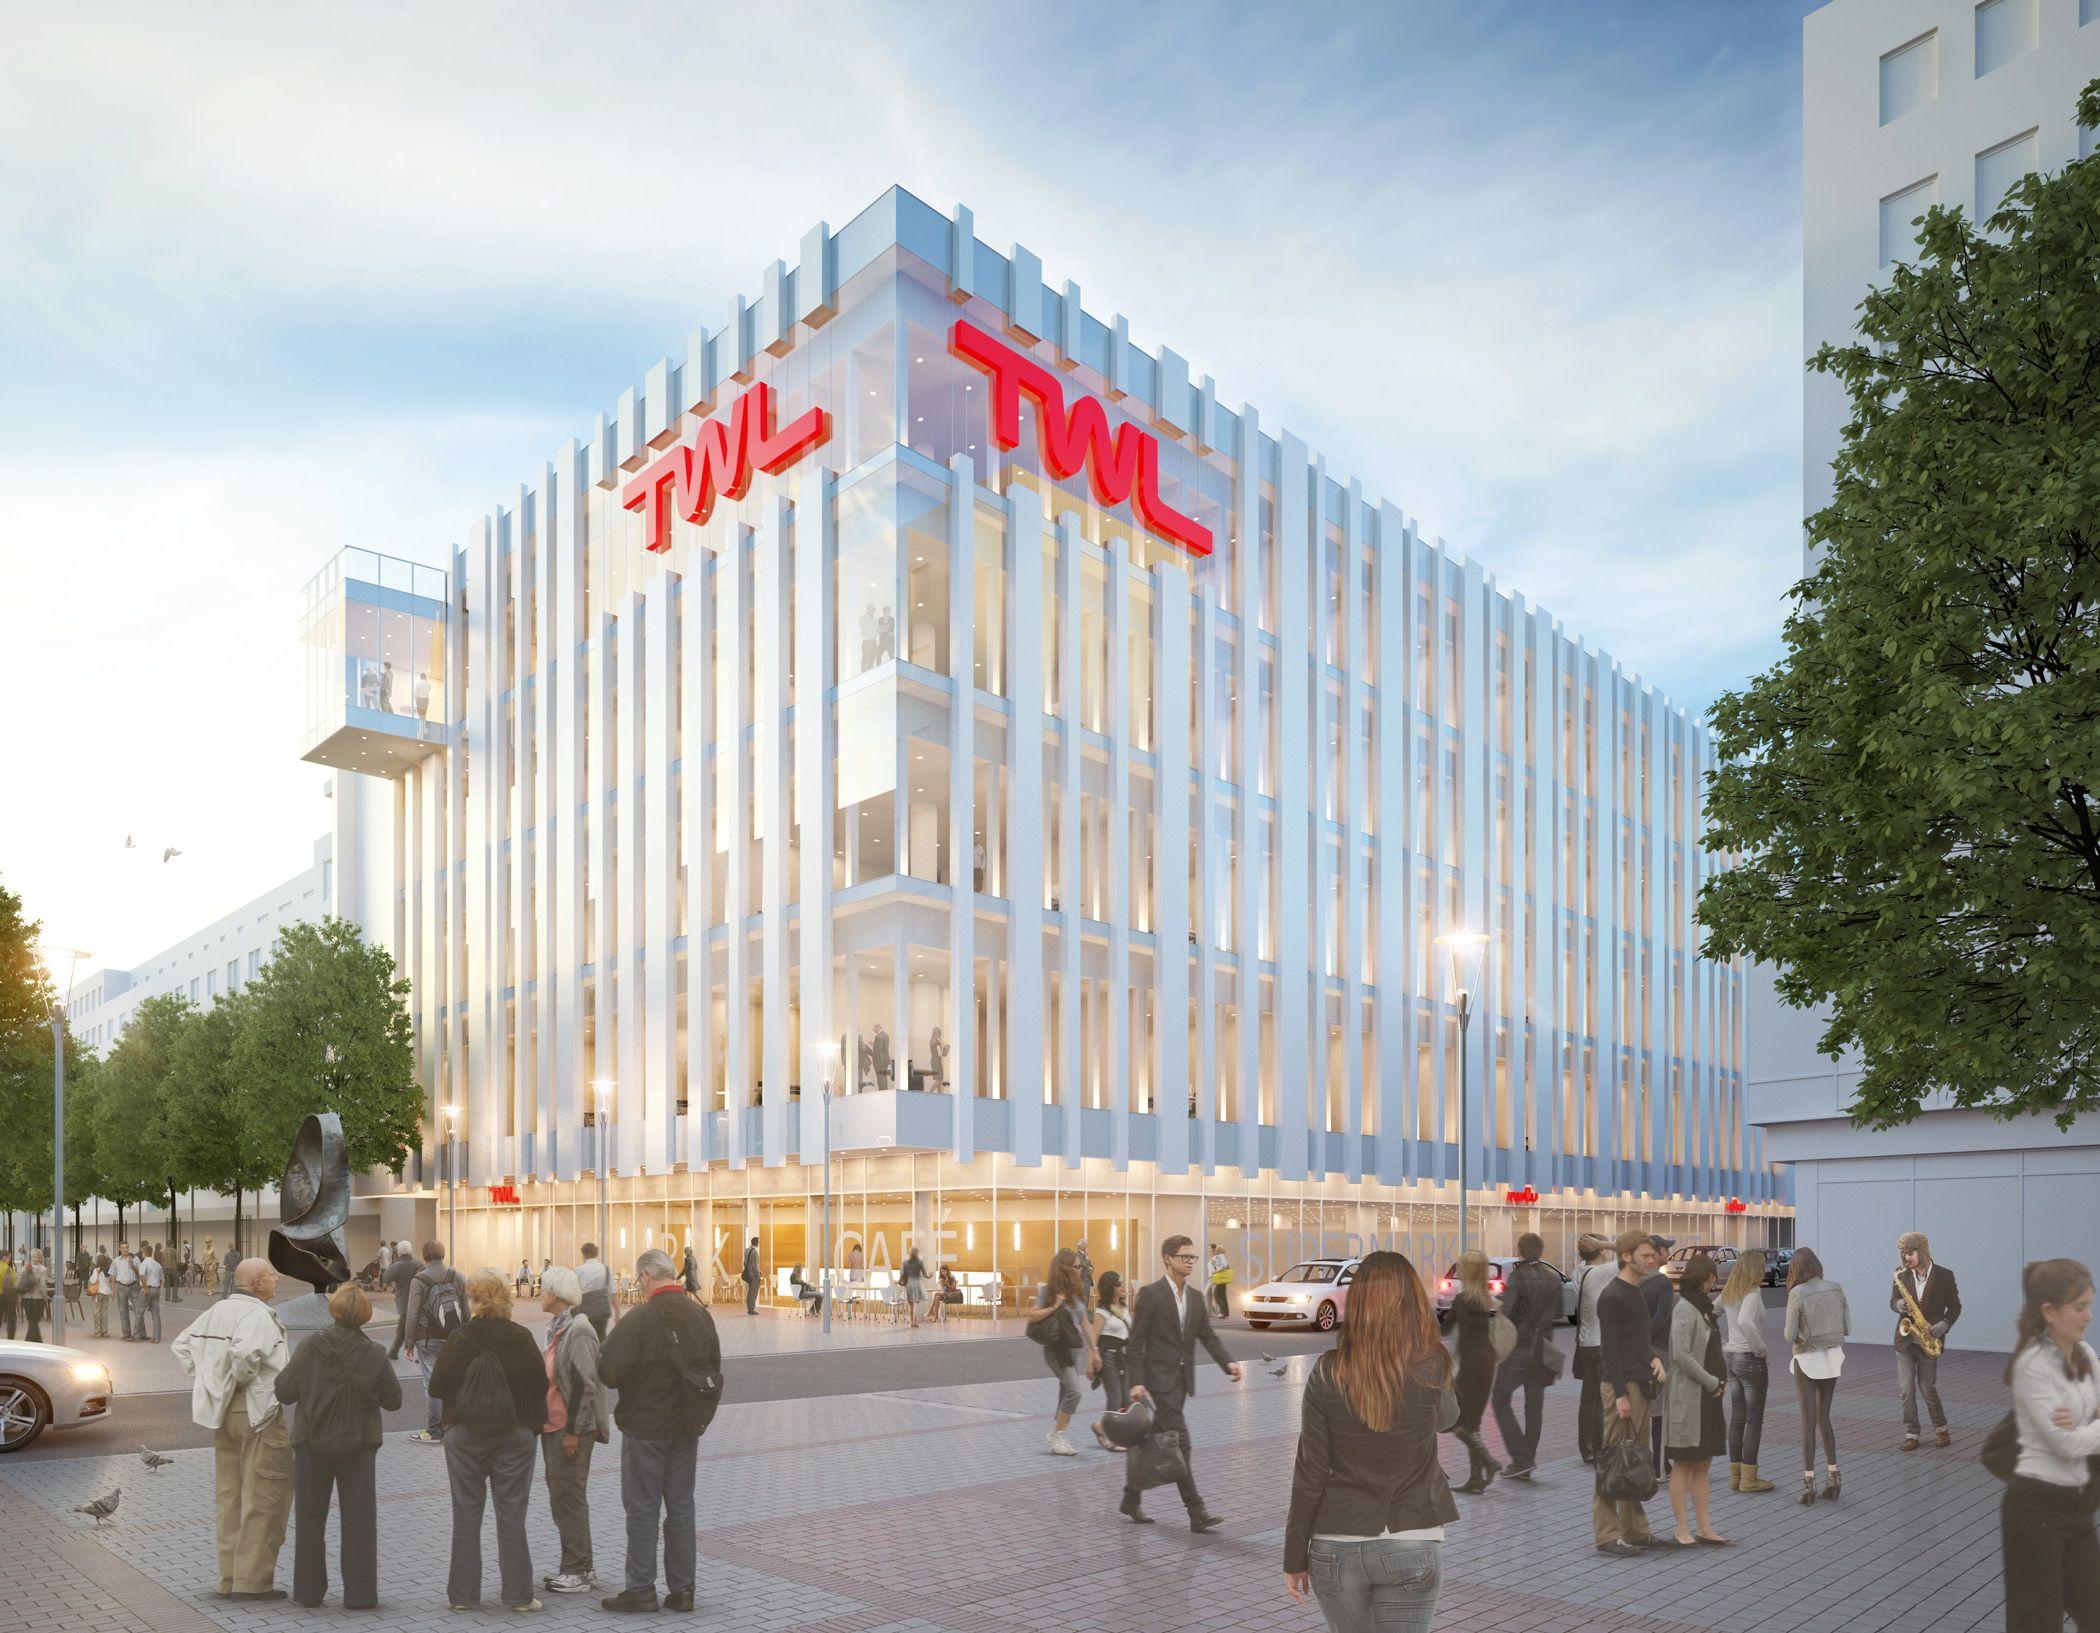 Architekten Ludwigshafen umbau twl ludwigshafen raumlabor3 architekturvisualisierung